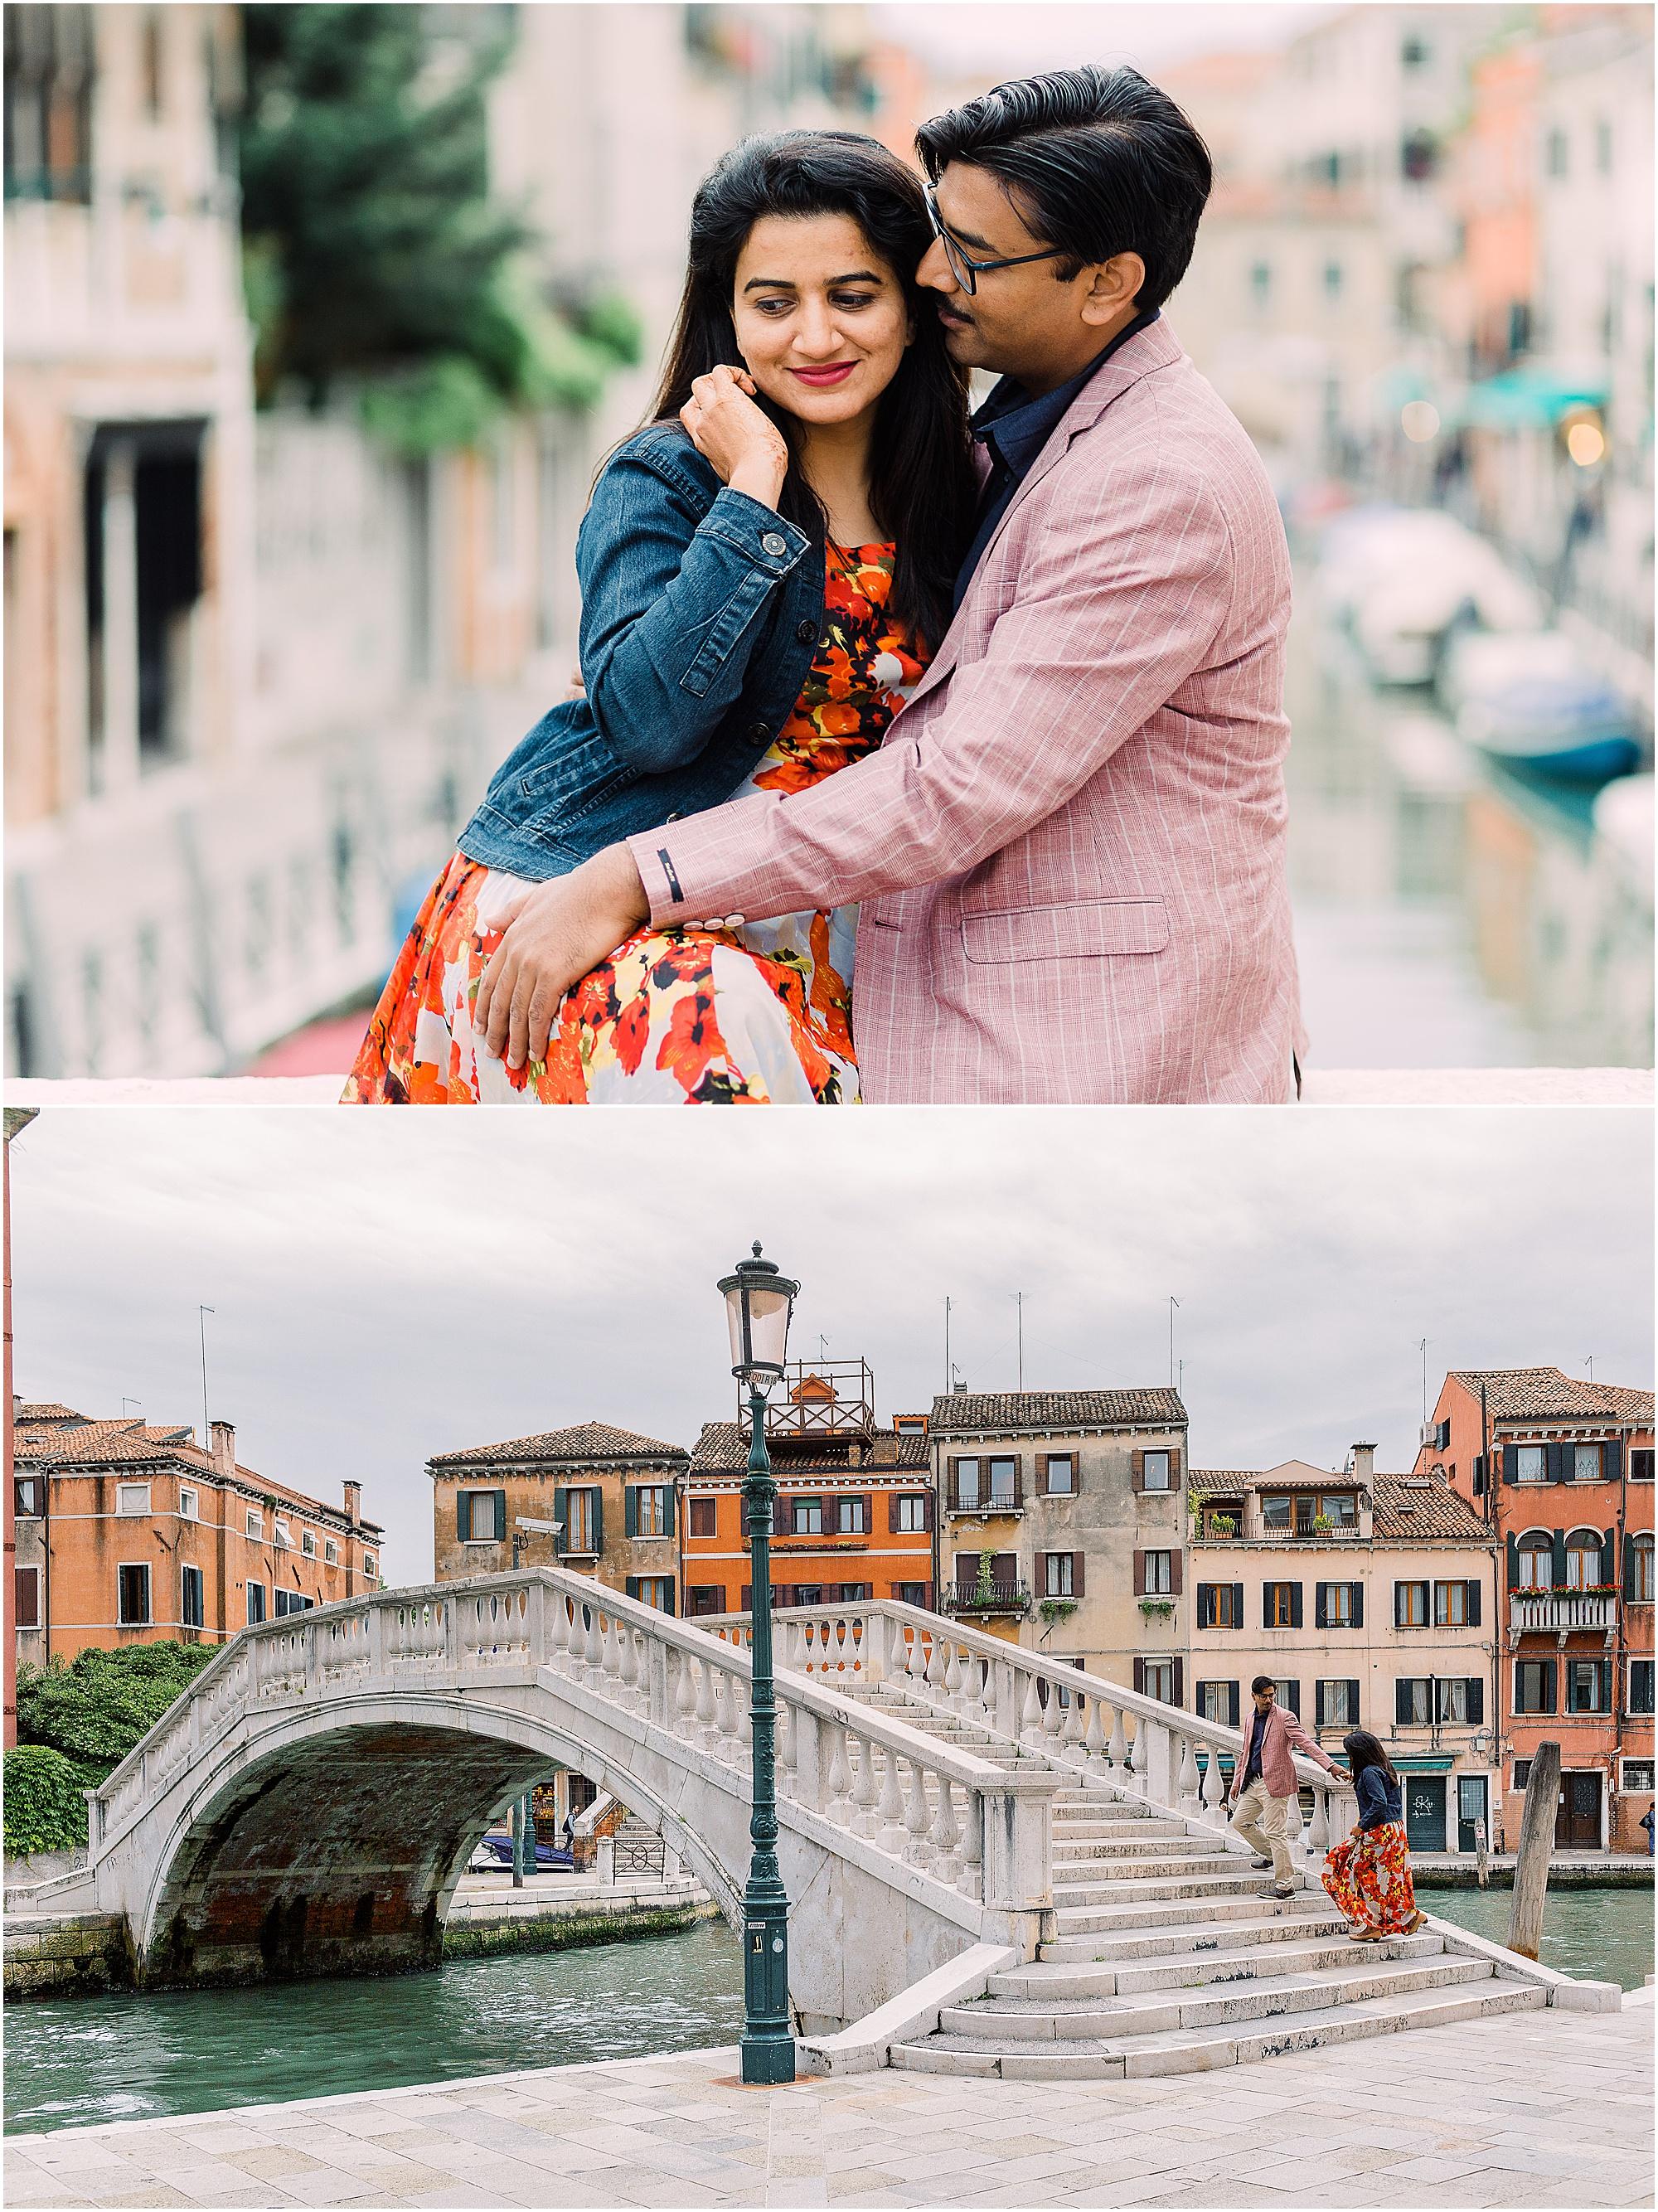 couple-lifestyle-photoshoot-in-venice-gondola-sunrise-stefano-degirmenci_0099.jpg